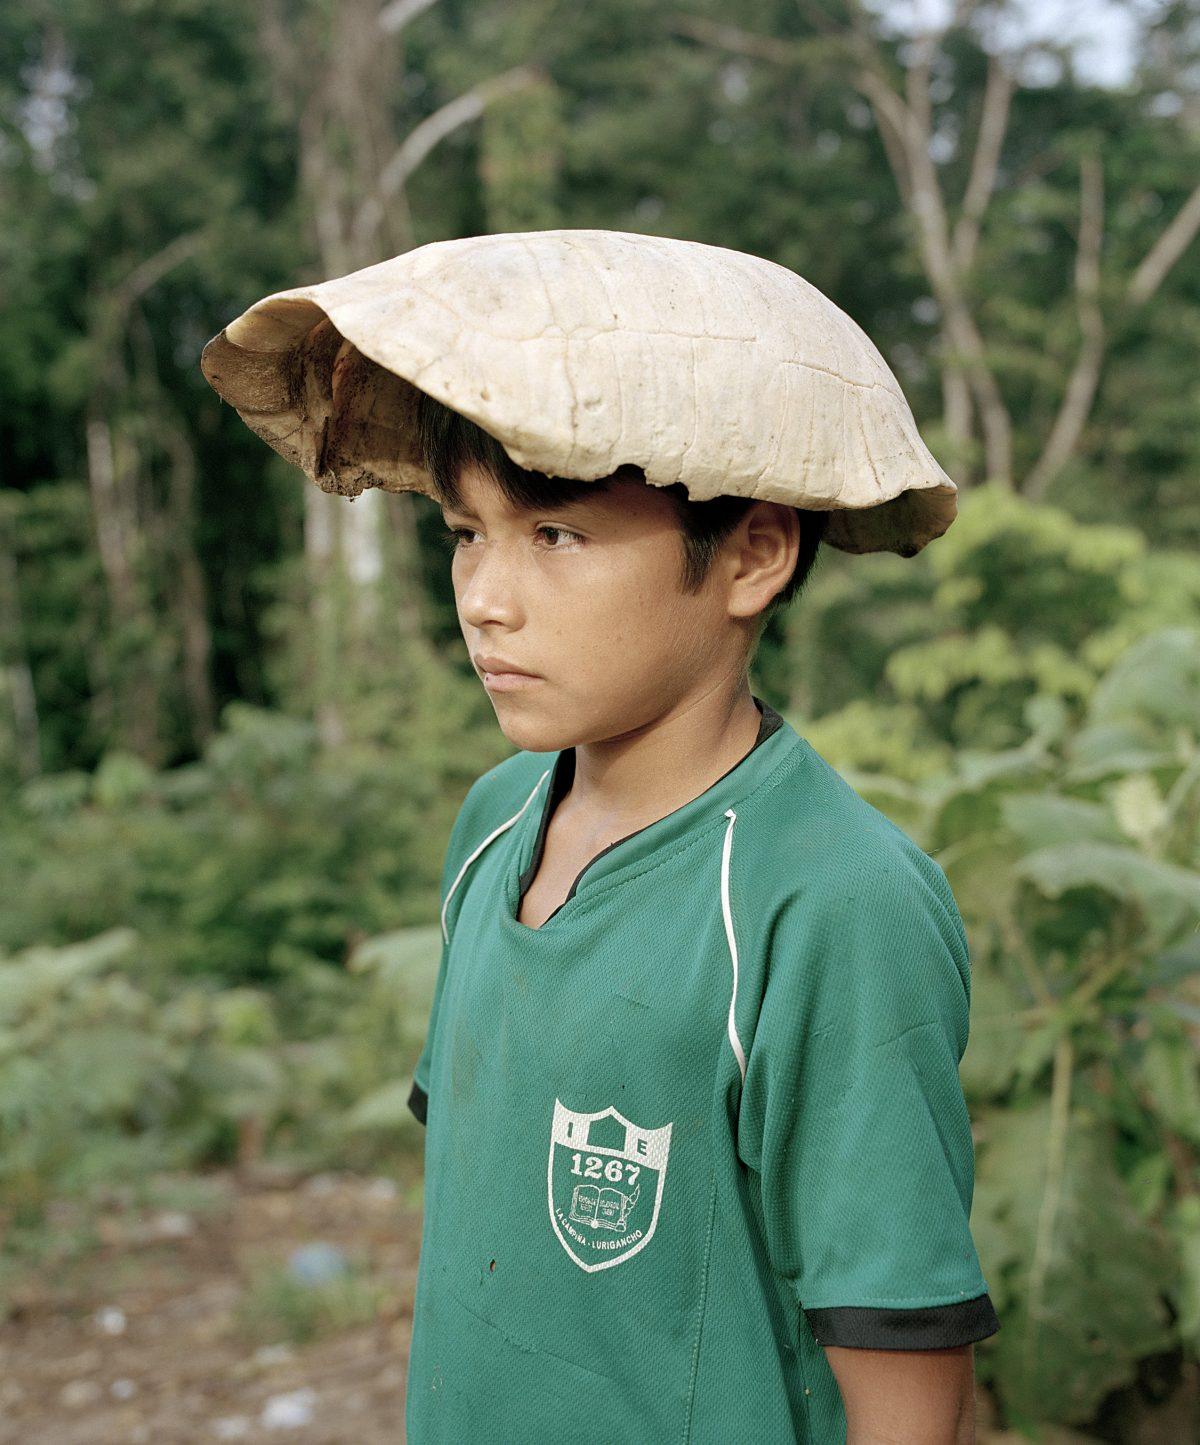 Gorra de Motelo (Turtle Cap), 2015. © Yann Gross